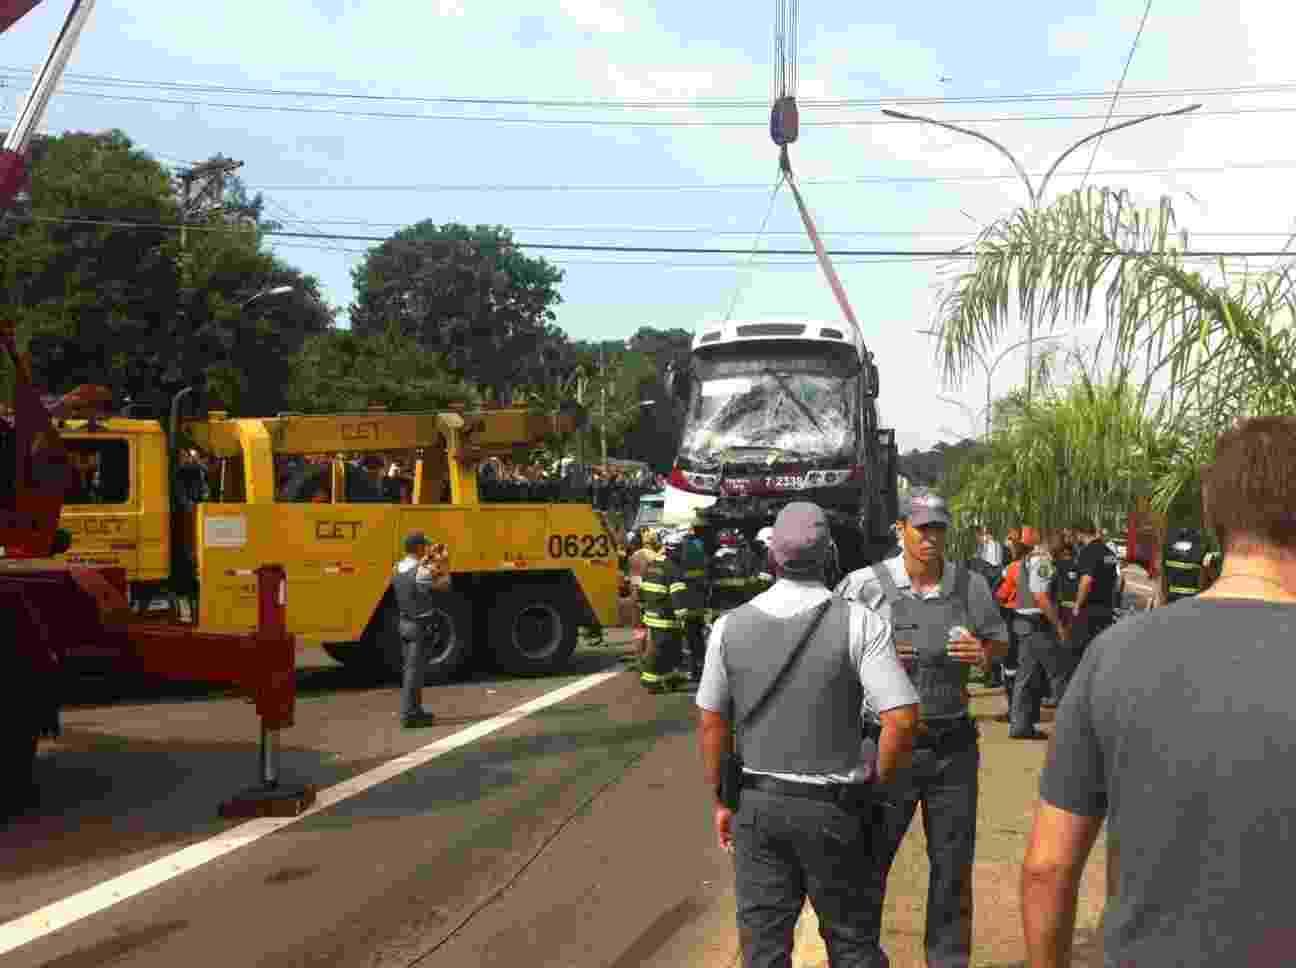 12.fev.2014 - Ônibus que esmagou um carro em acidente na rua Joaquim Nabuco, no Brooklin Paulista, na zona sul de São Paulo, é guinchado pela CET (Companhia de Engenharia de Tráfego) - Gil Alessi/UOL